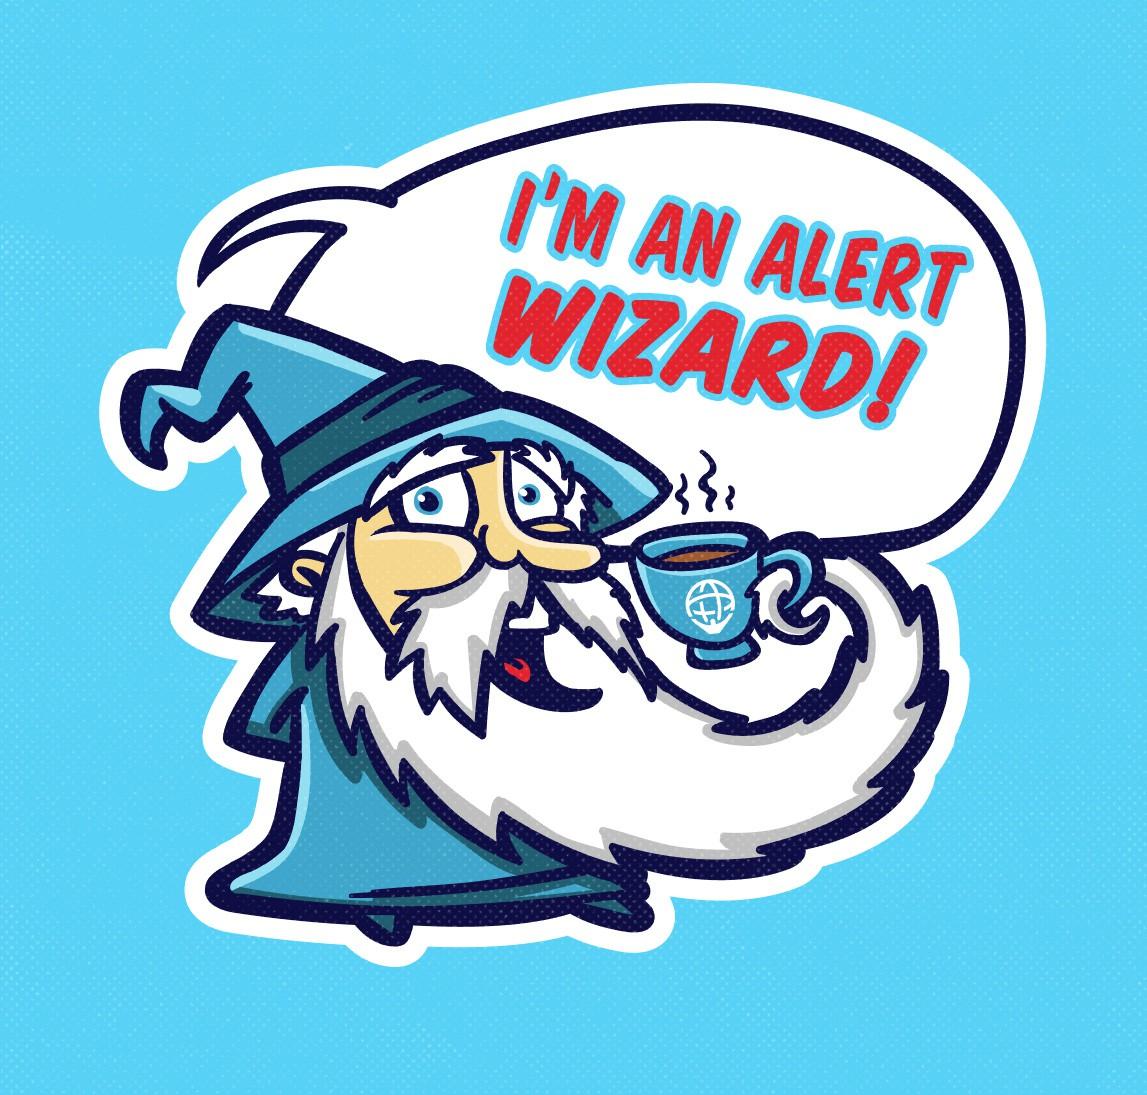 The Alert Wizard